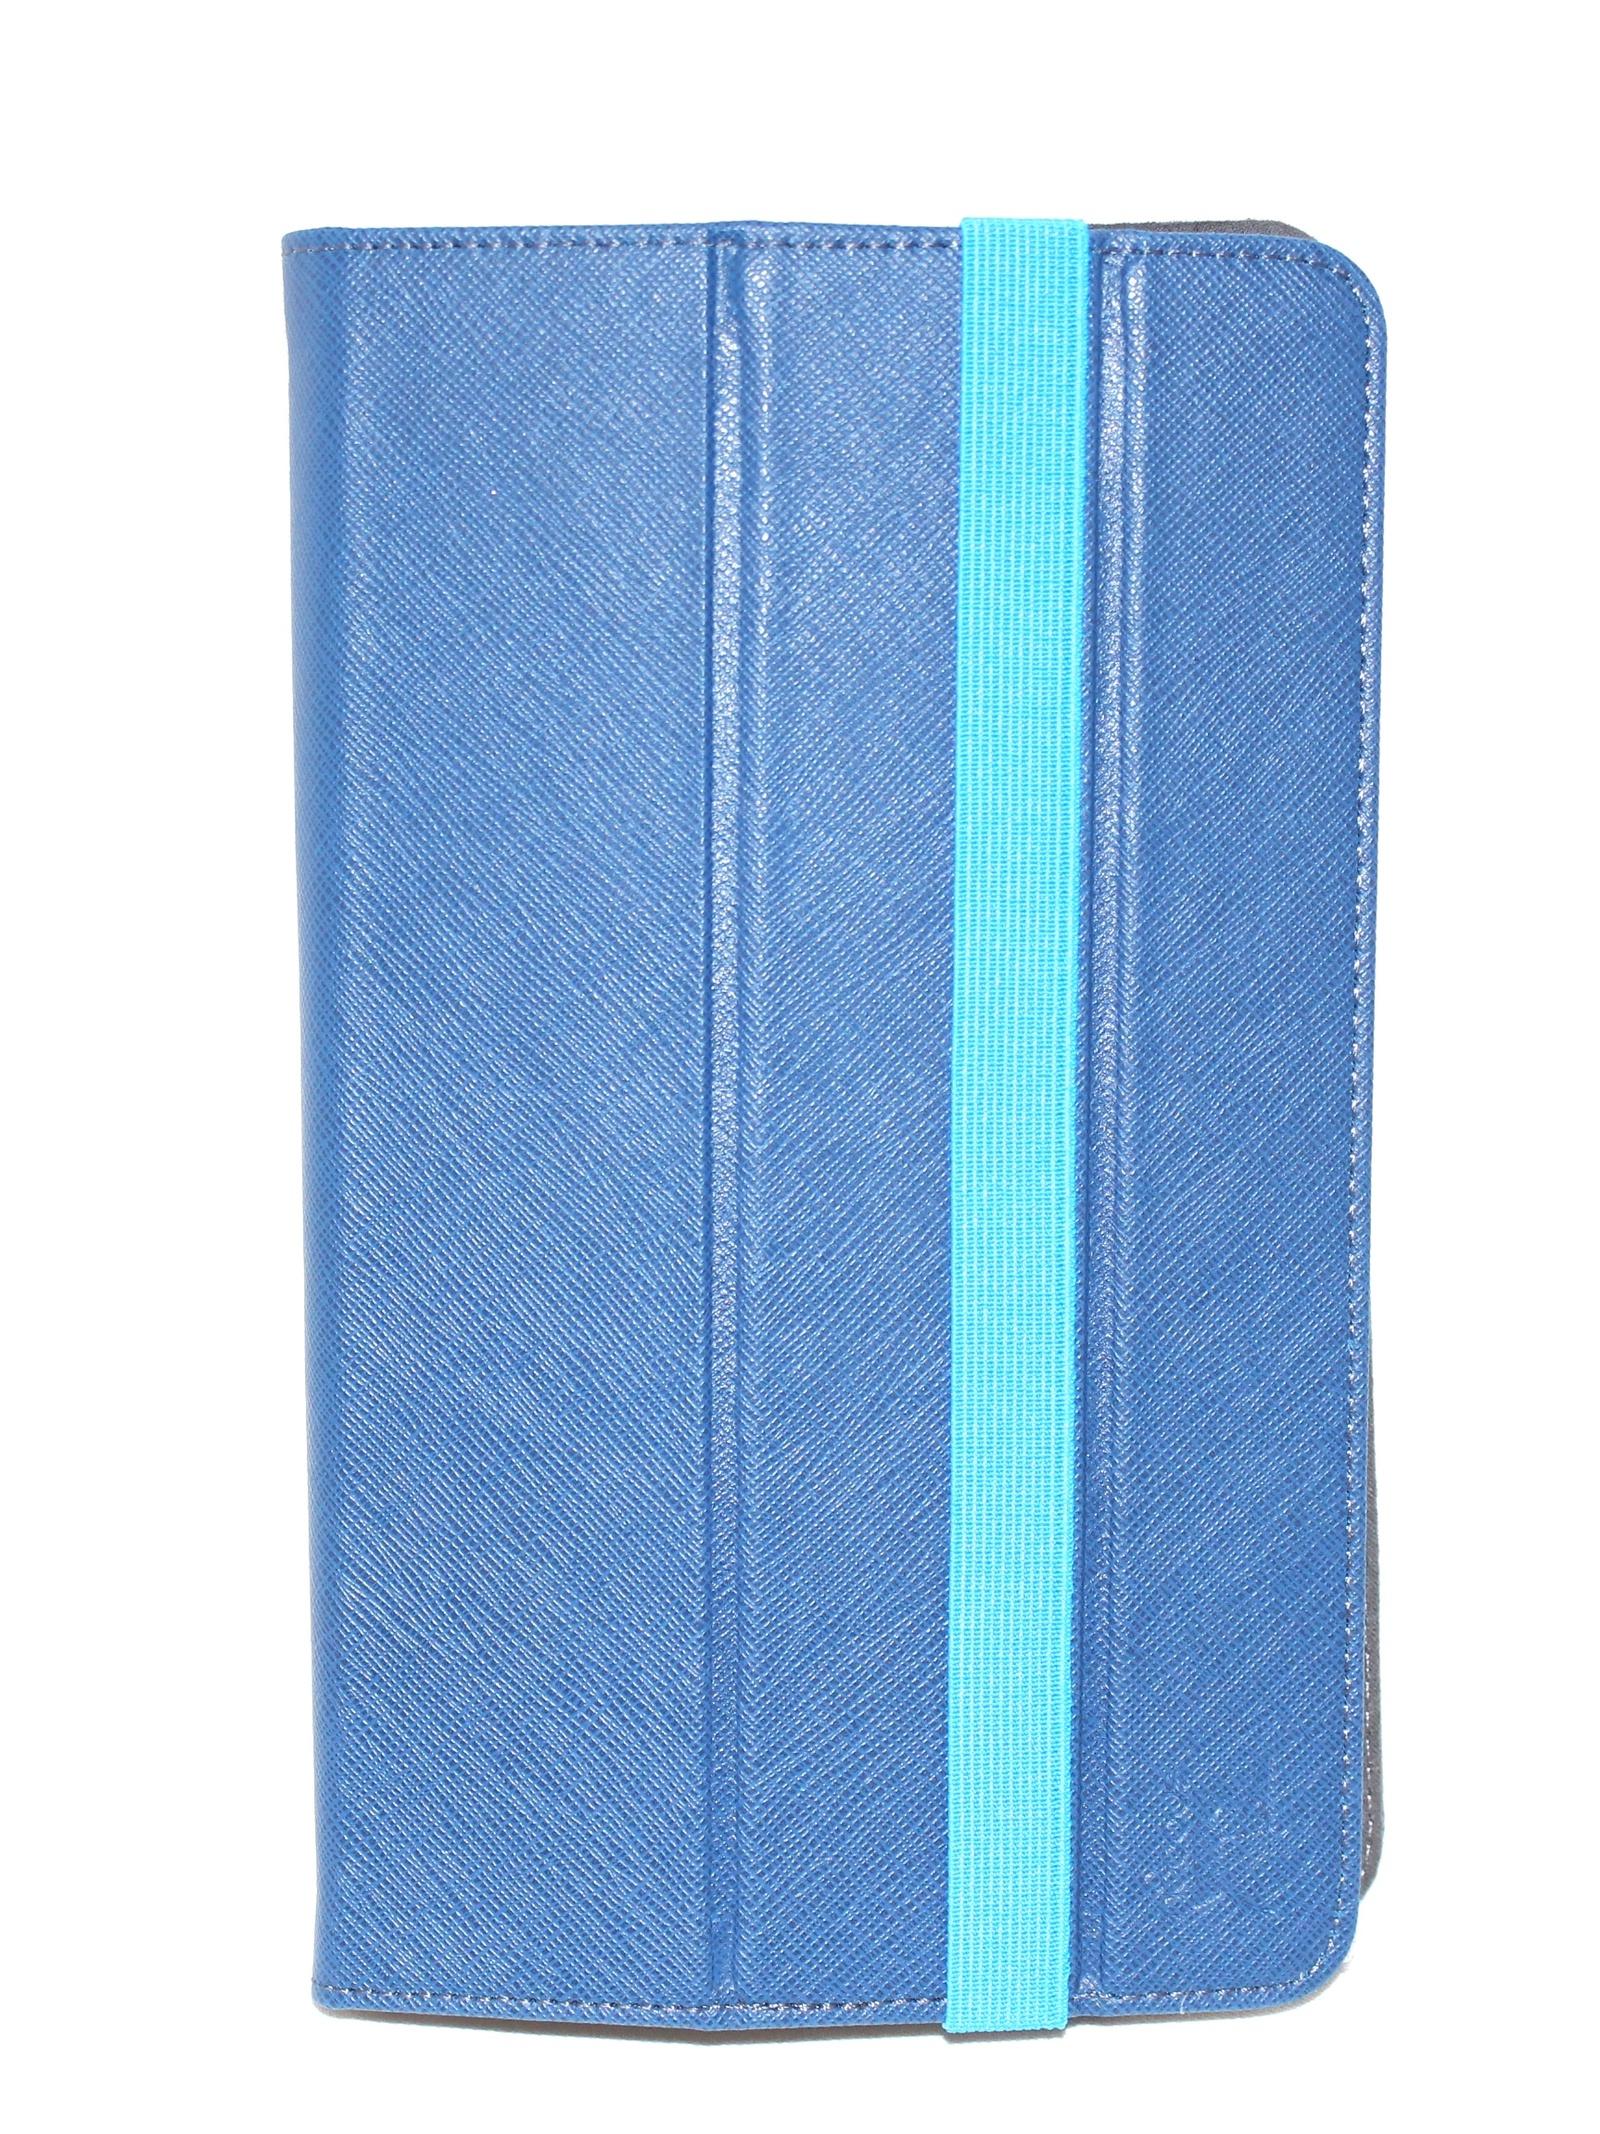 Чехол для планшета Snoogy Универсальный 8 дюймов